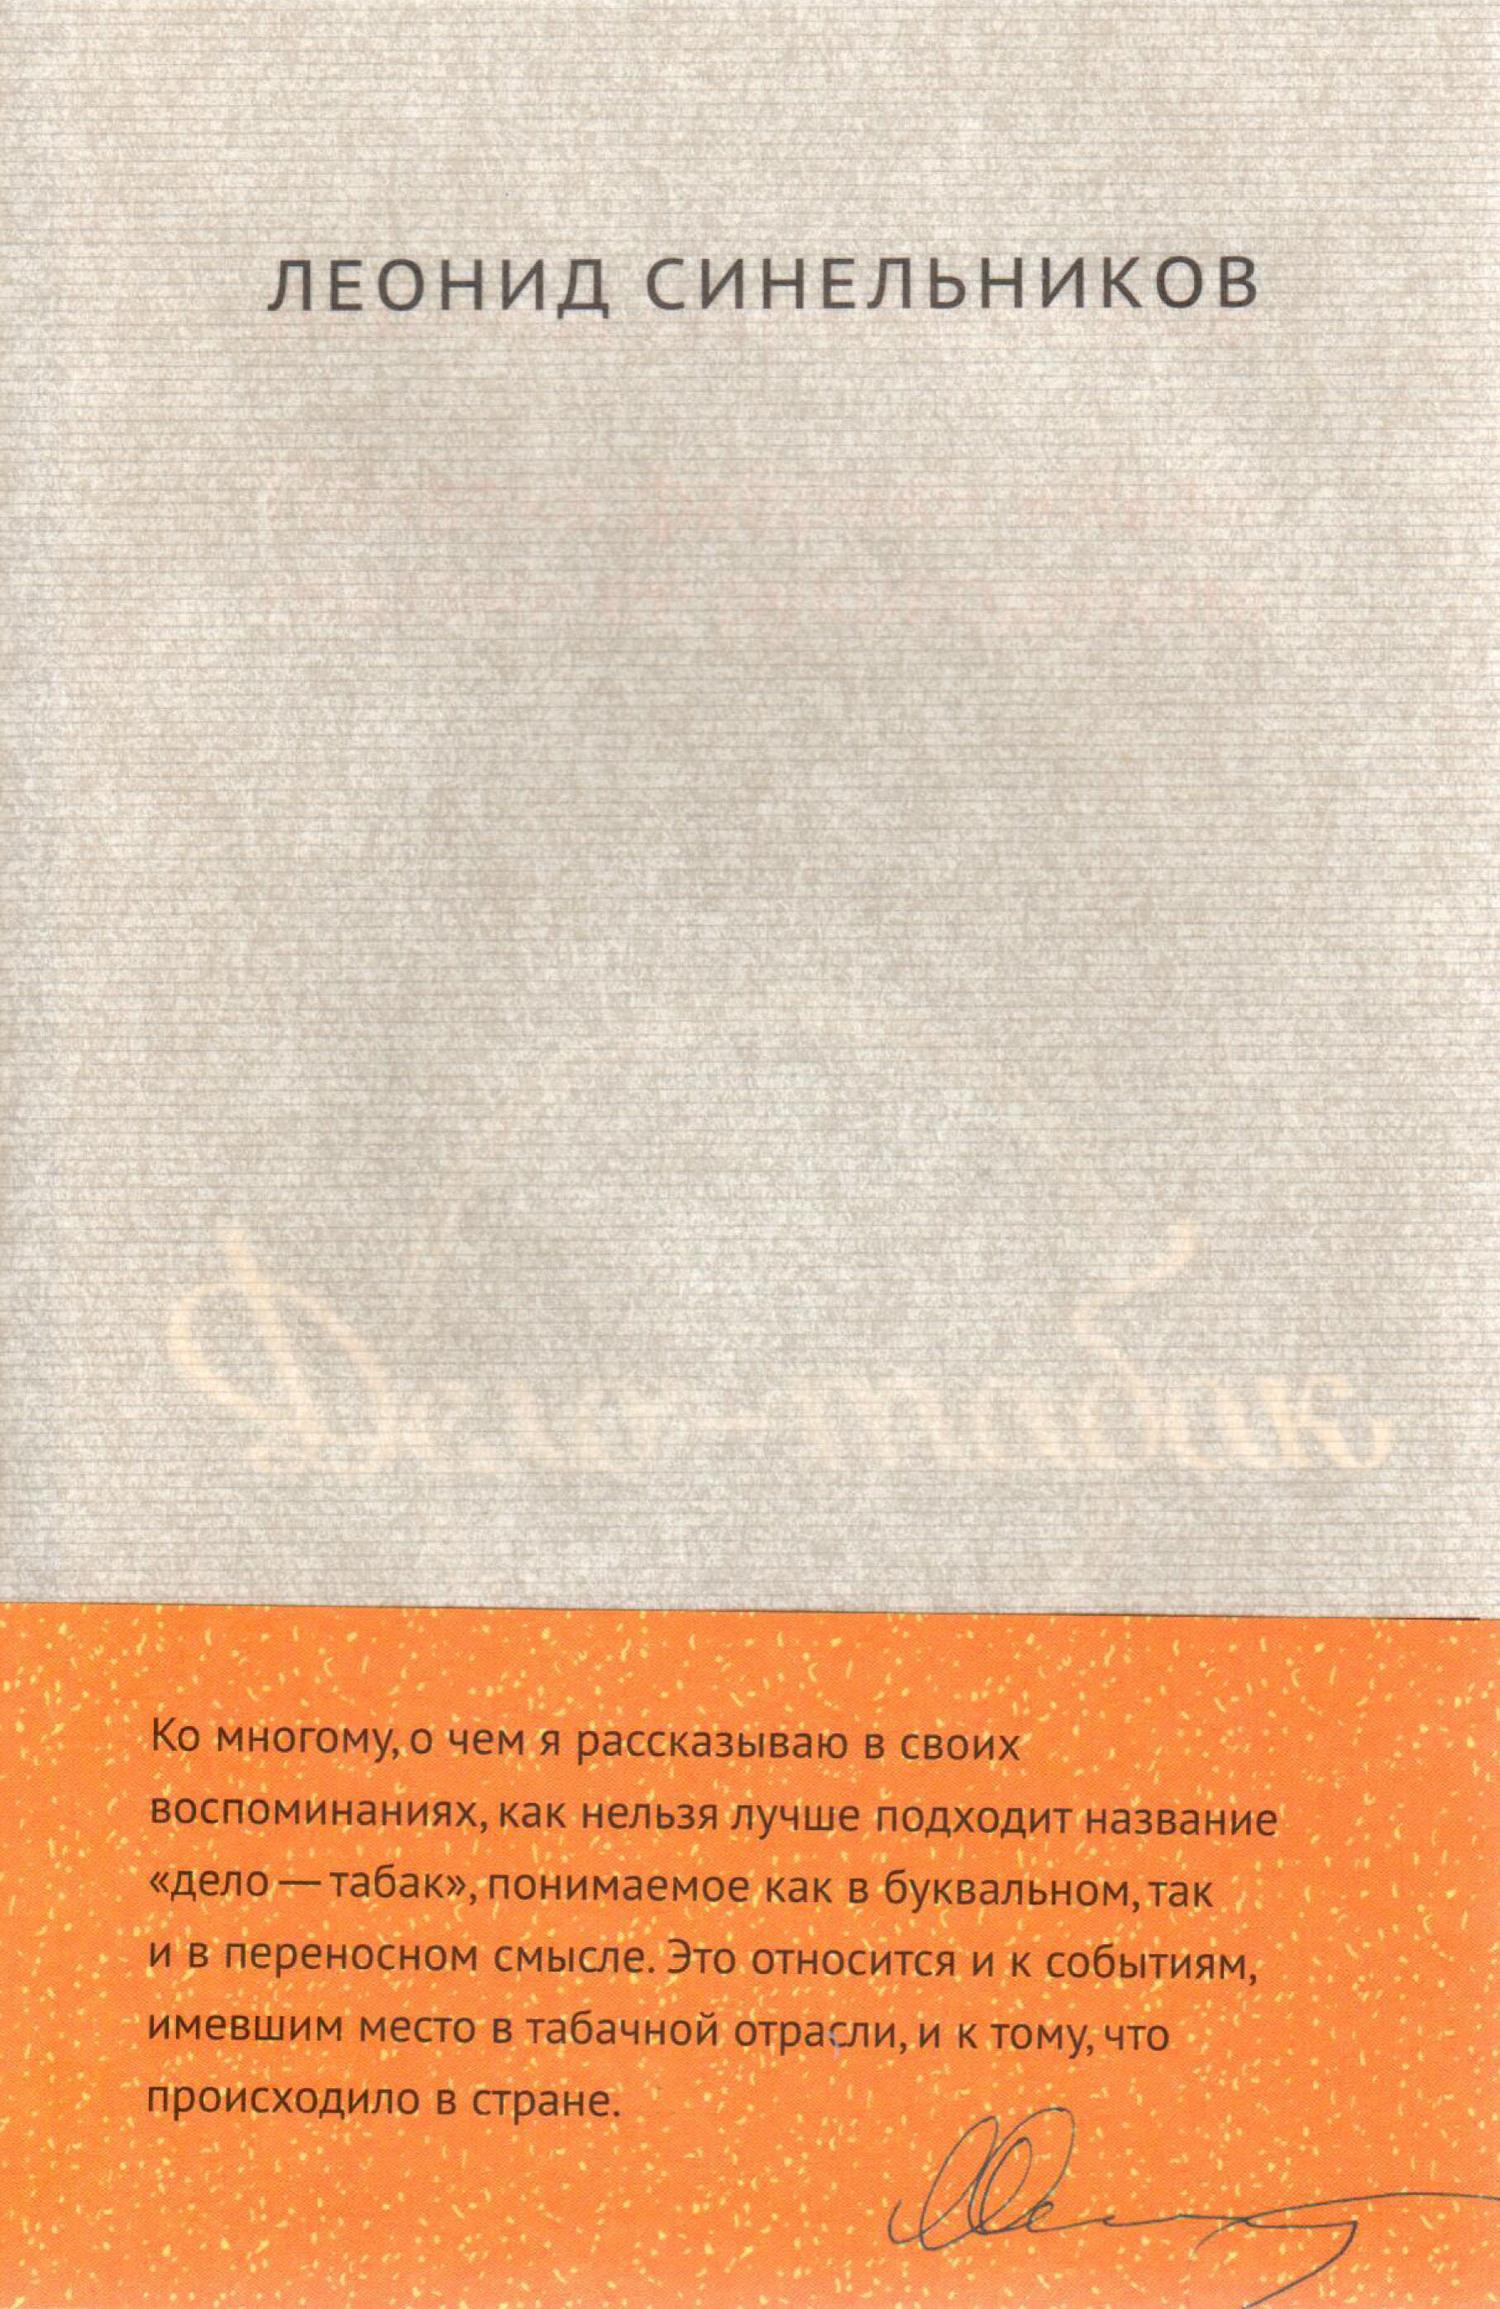 Обложка книги. Автор - Леонид Синельников